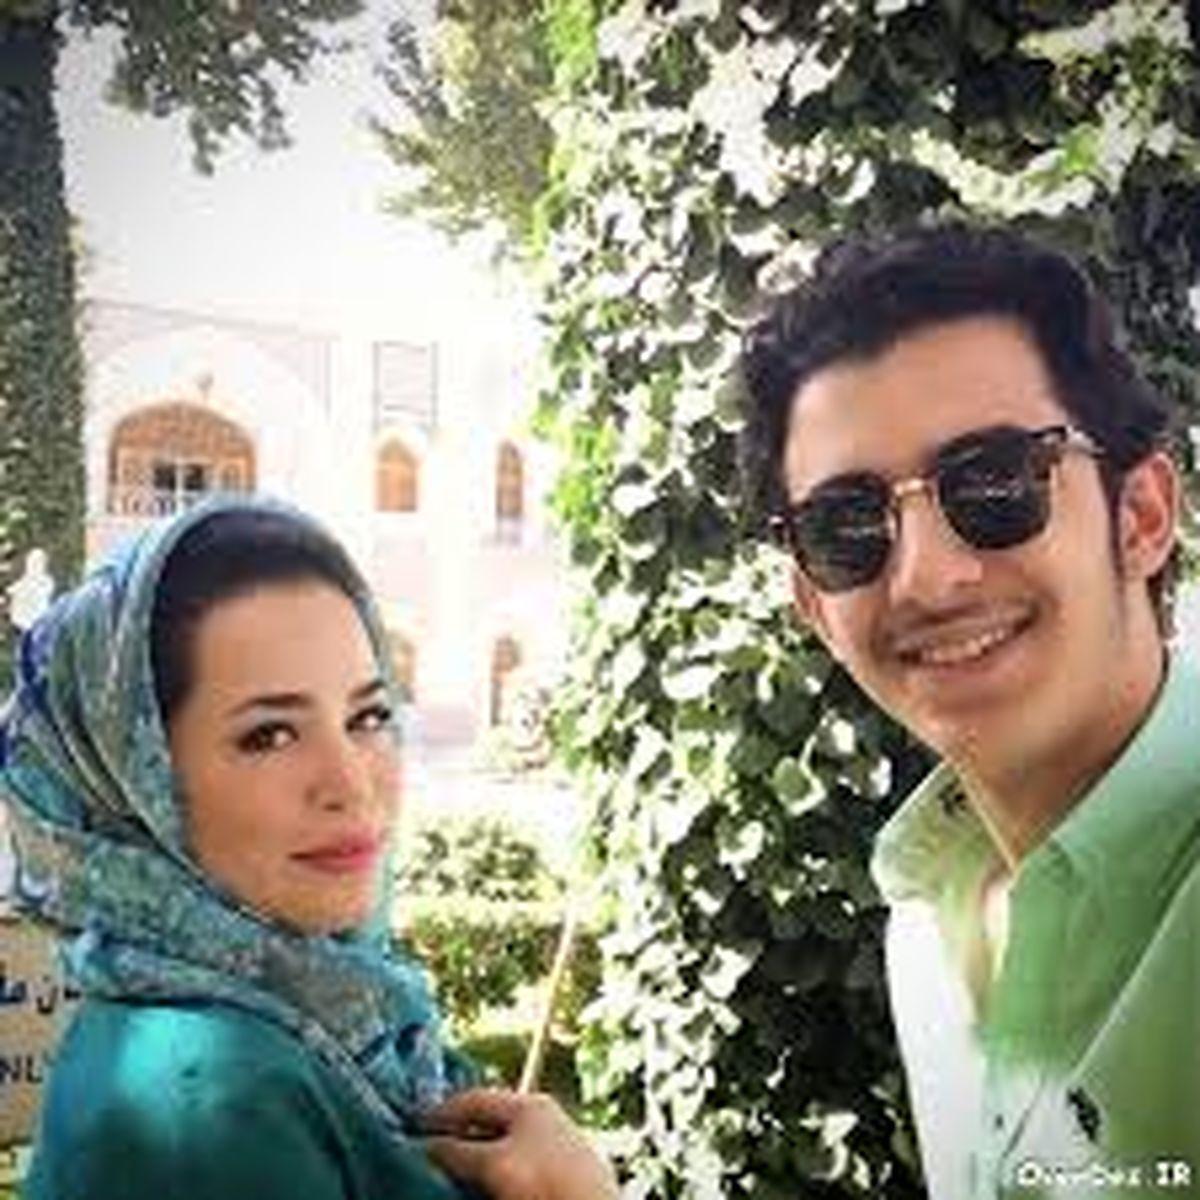 ملیکا شریفی نیا از همسرش طلاق گرفت + علت طلاق